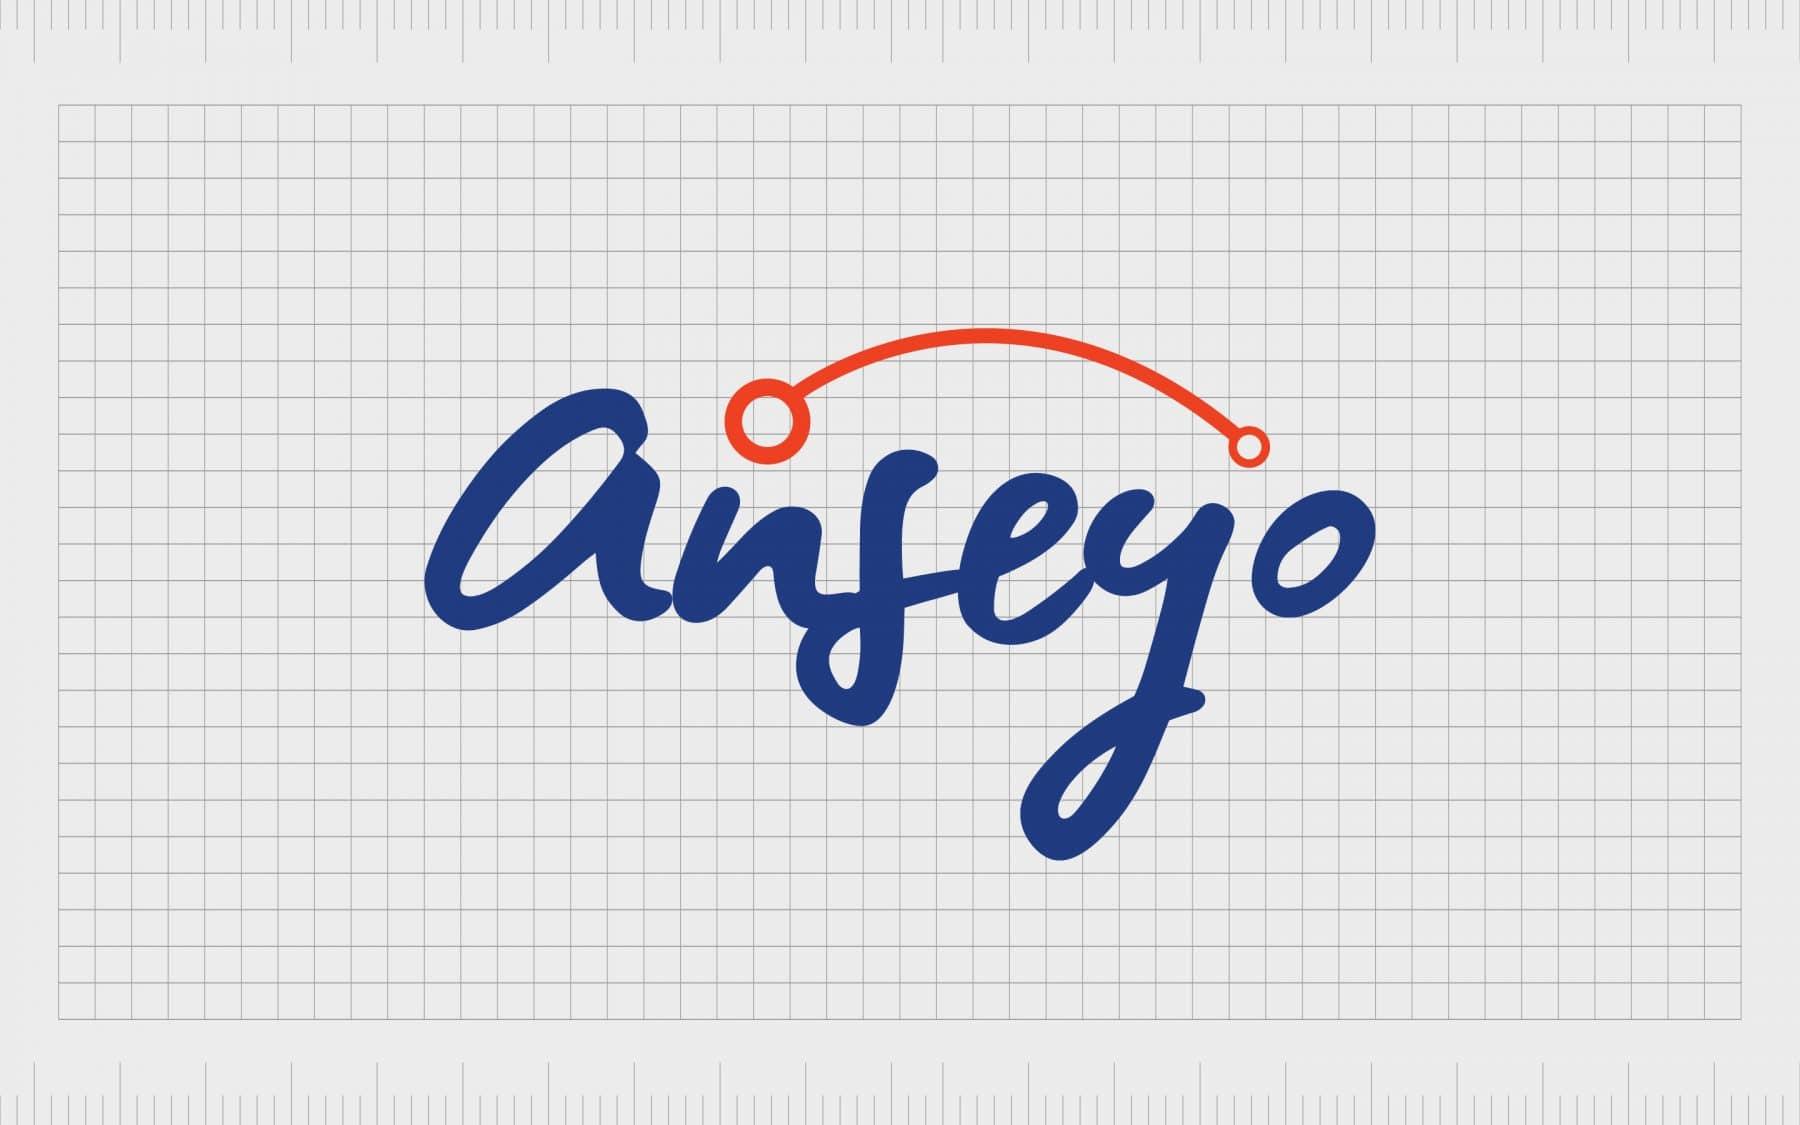 Anseyo